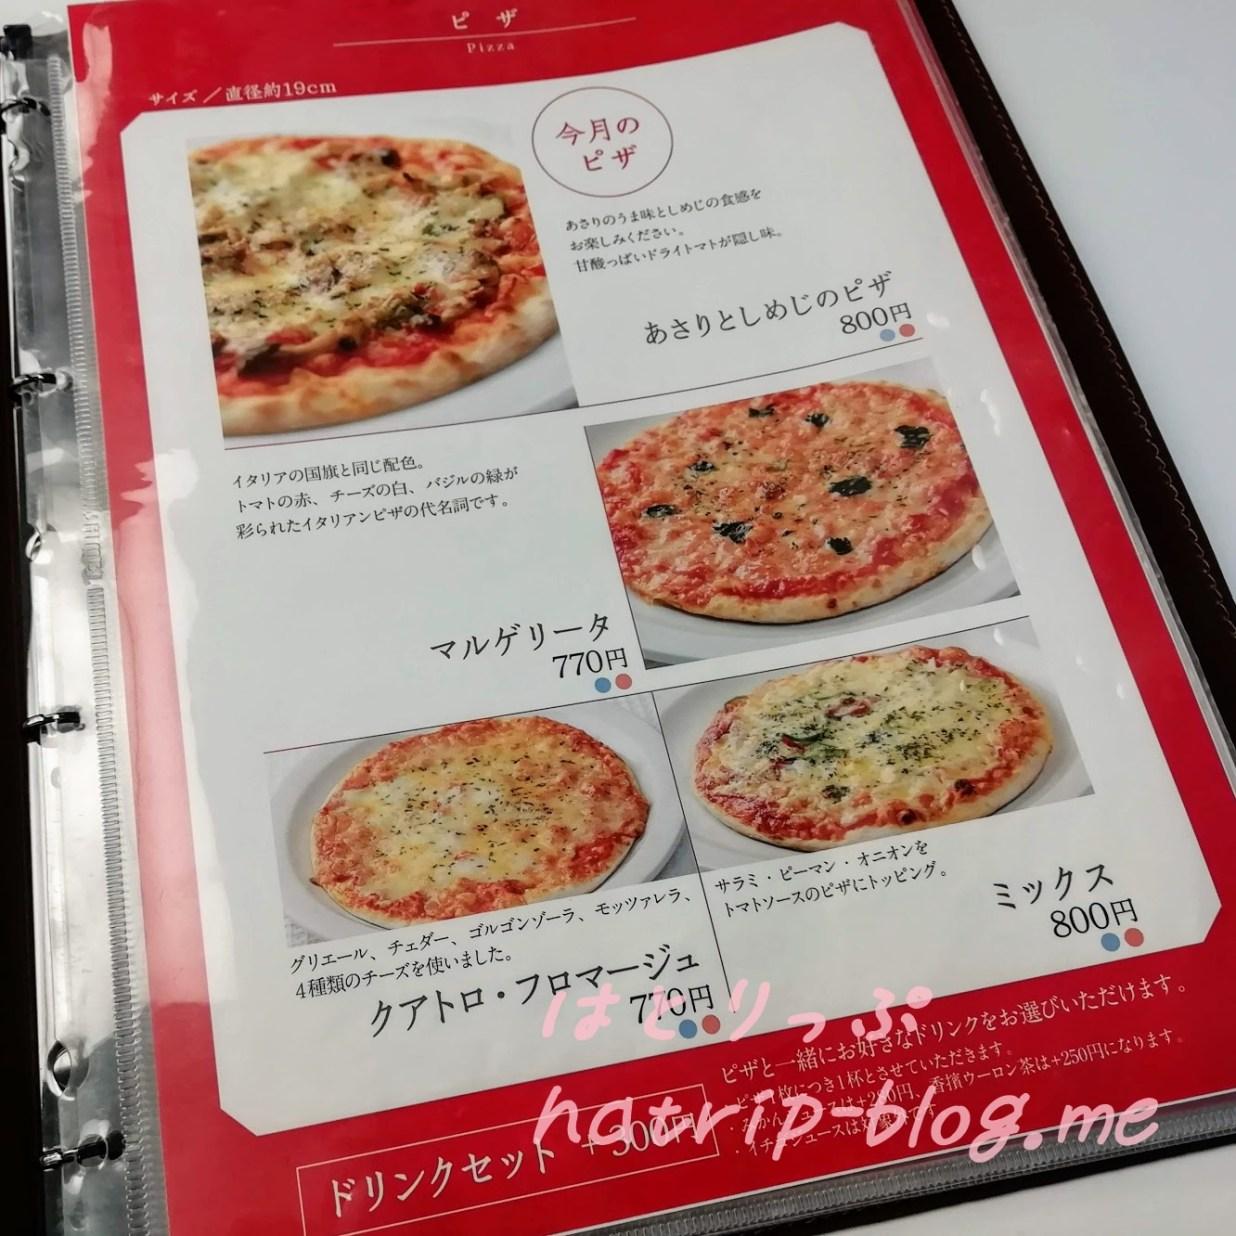 北海道 六花亭 札幌本店 喫茶室 カフェ メニュー ピザ